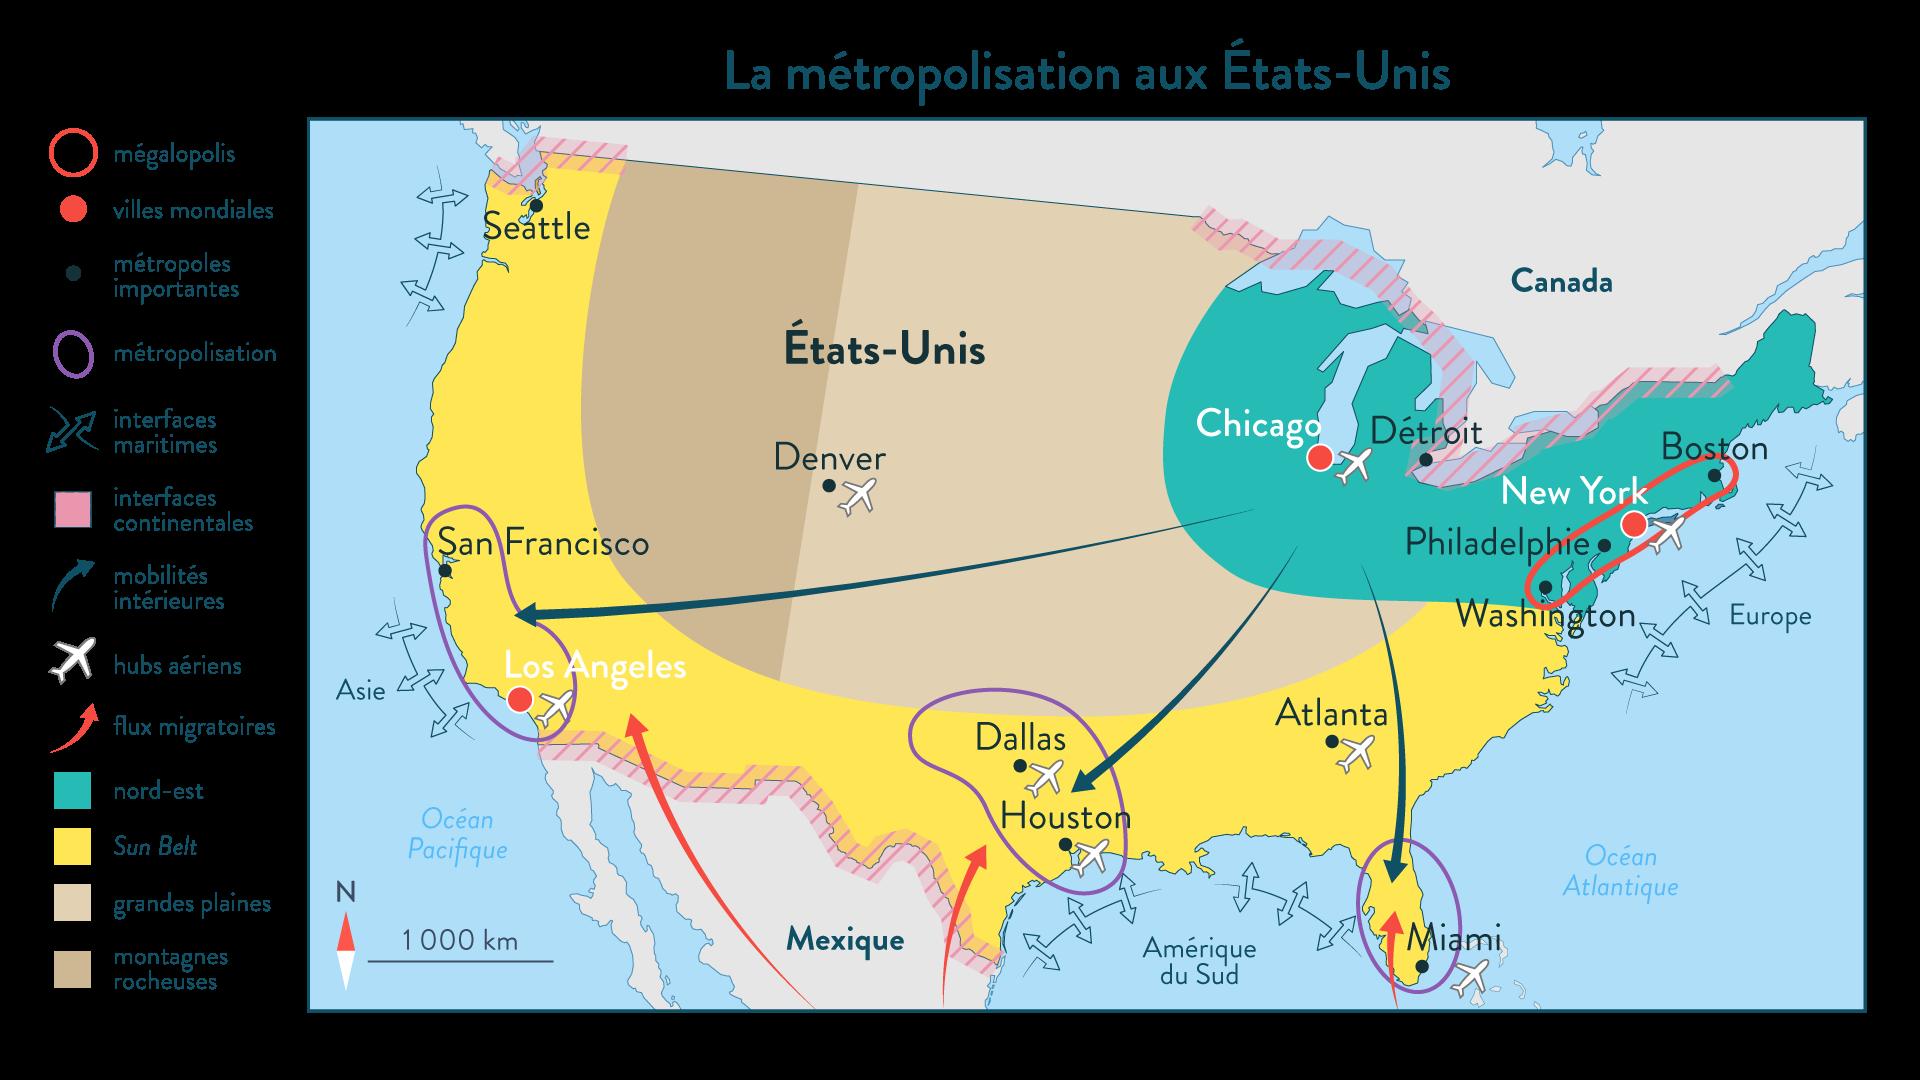 La métropolisation aux États-Unis - géographie 1re - SchoolMouv